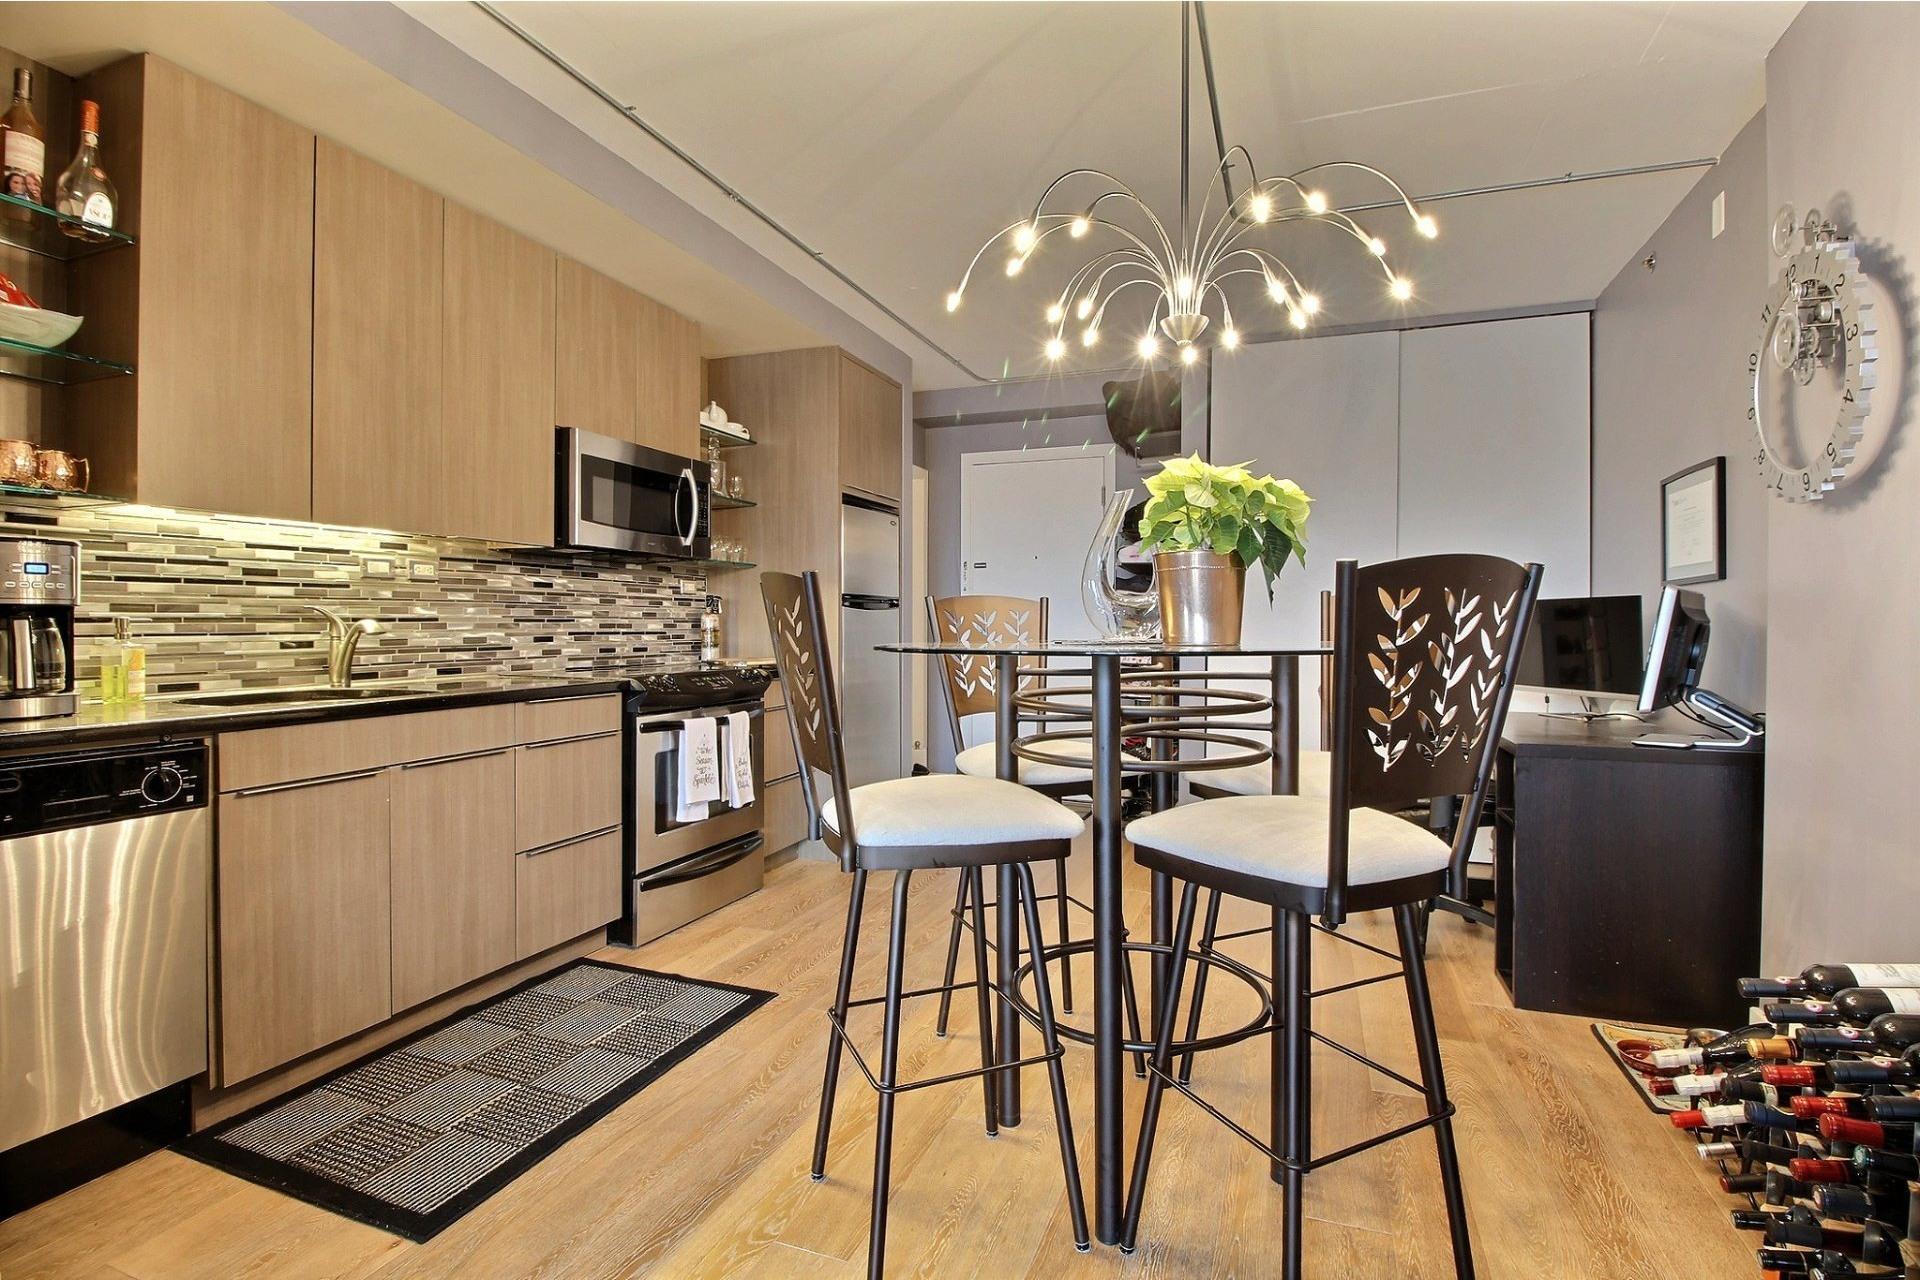 image 3 - Appartement À louer Le Sud-Ouest Montréal  - 4 pièces